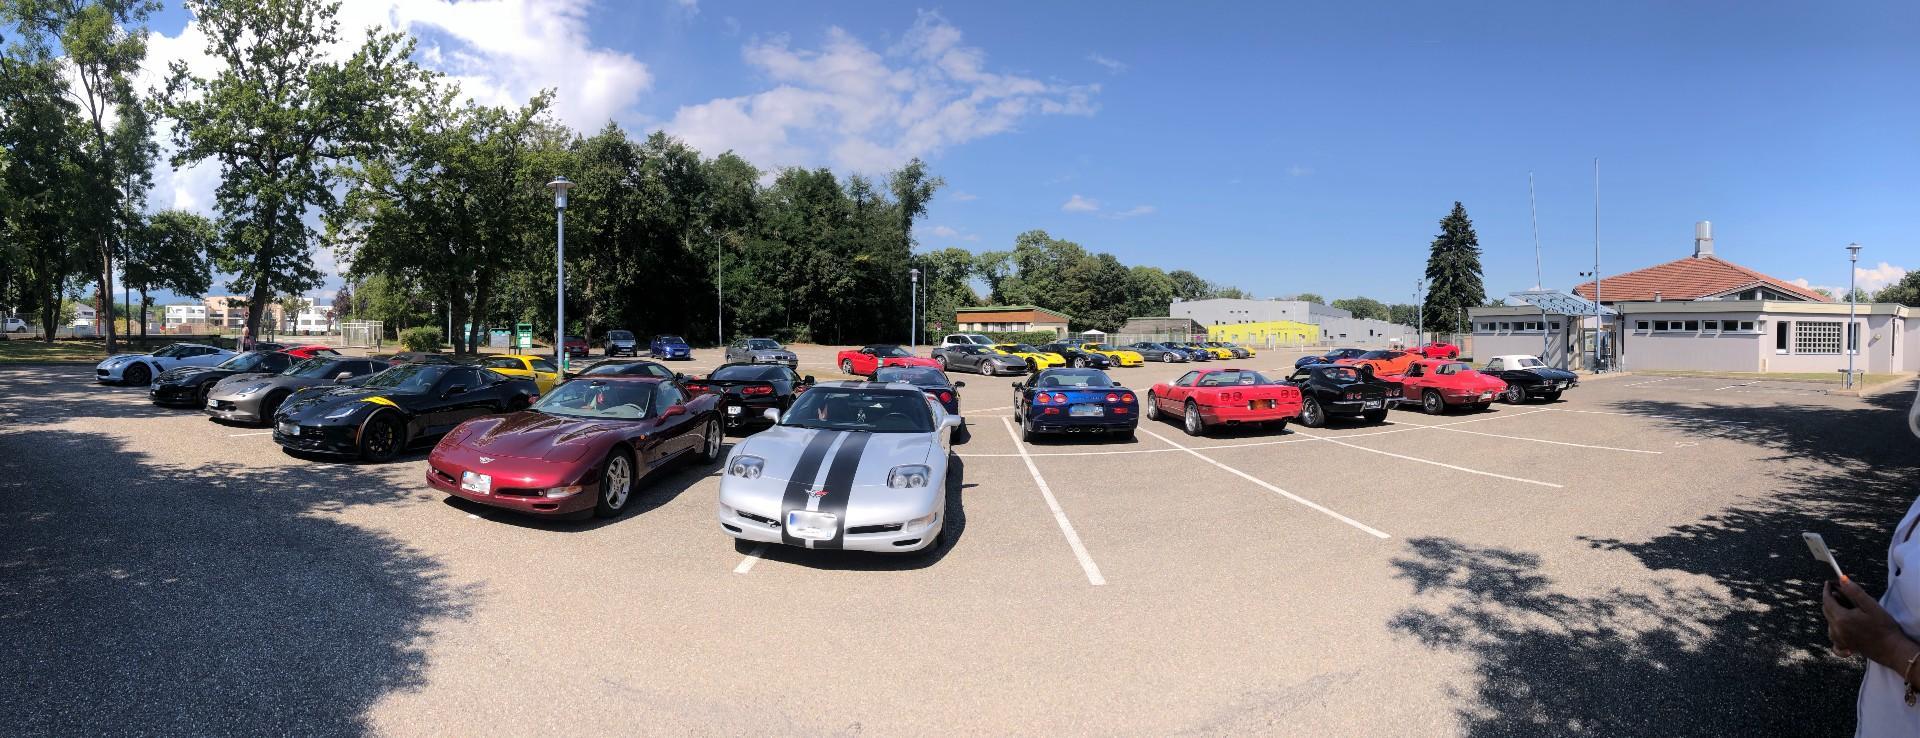 Corvette day 17